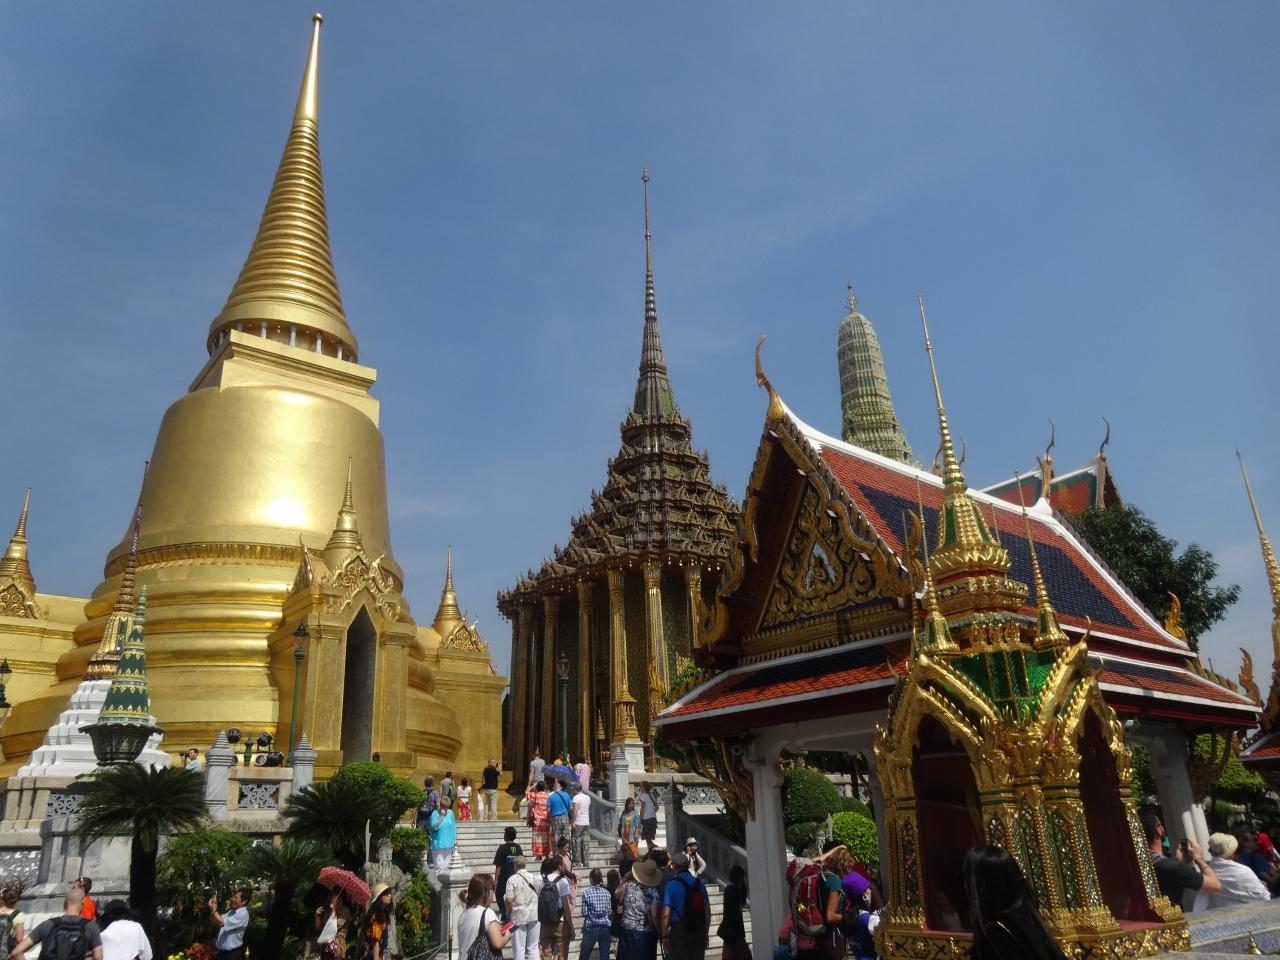 バンコクの観光特集!お土産や人気スポットの見どころもご紹介!